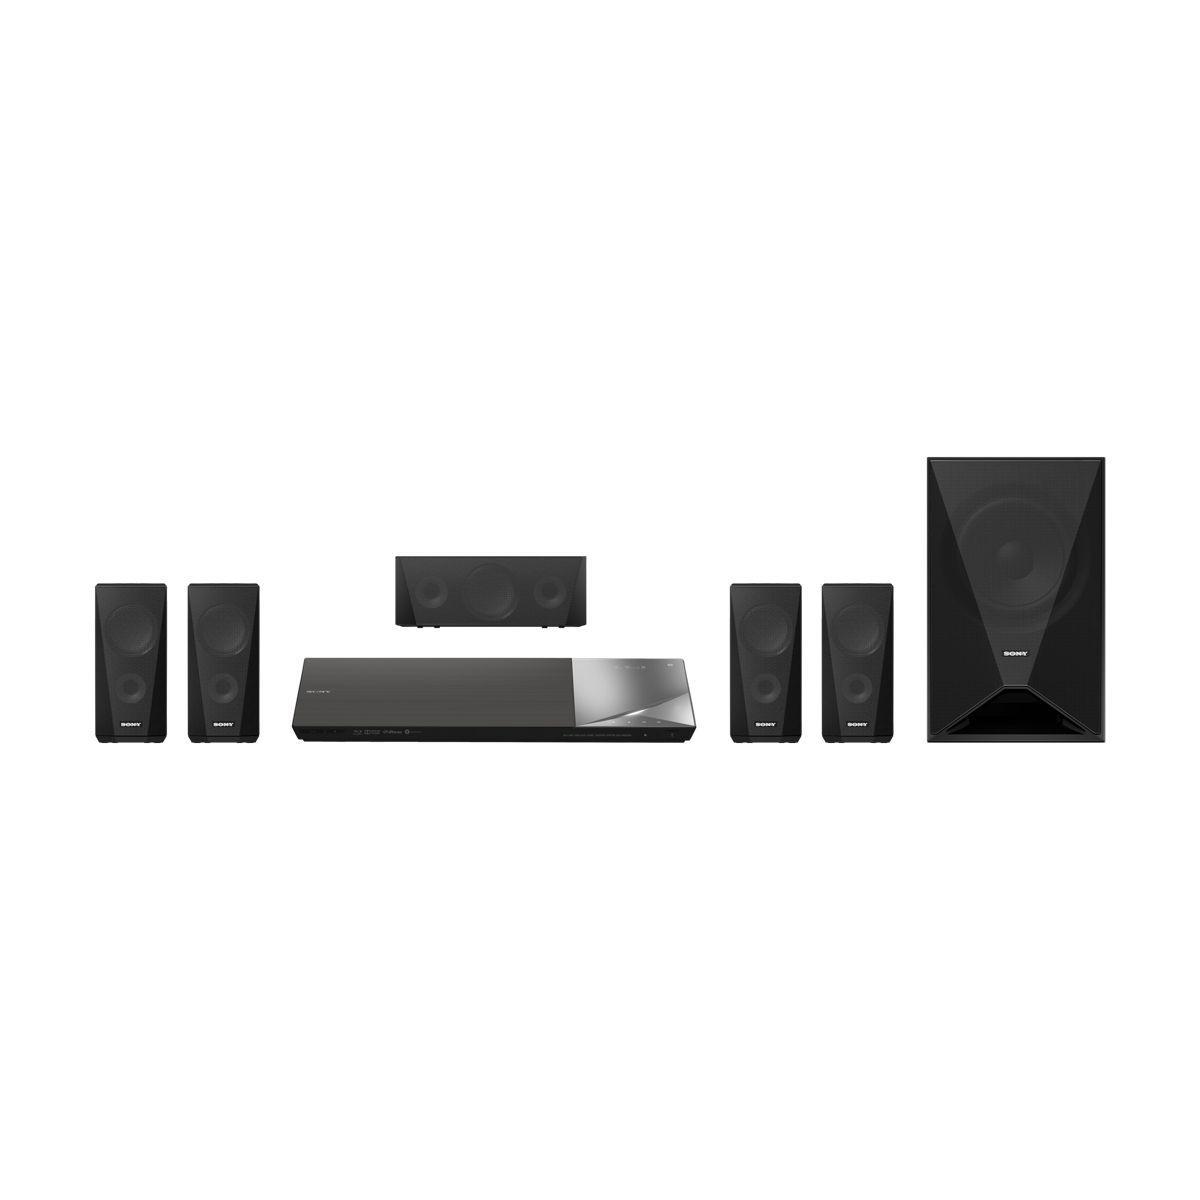 Home cinéma SONY 5.1 Blu-ray 3D 1000W BDVN5200